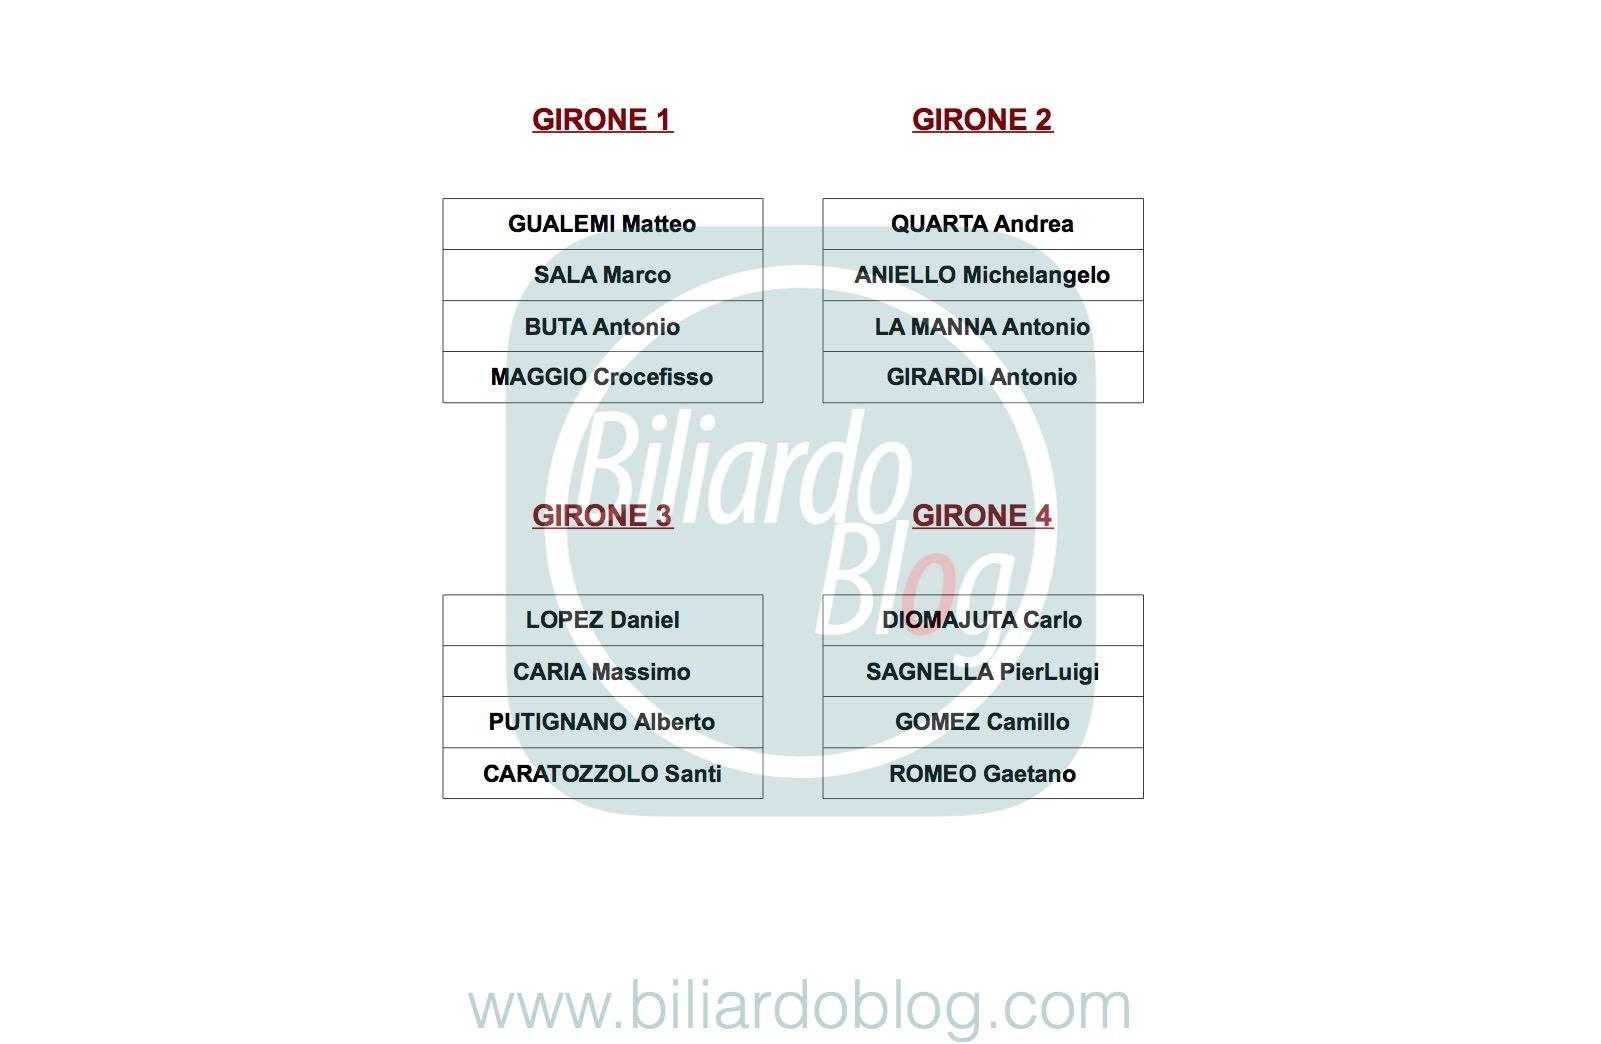 I Gironi dei Pro per Terza Tappa Campionato Biliardo 2017 2018